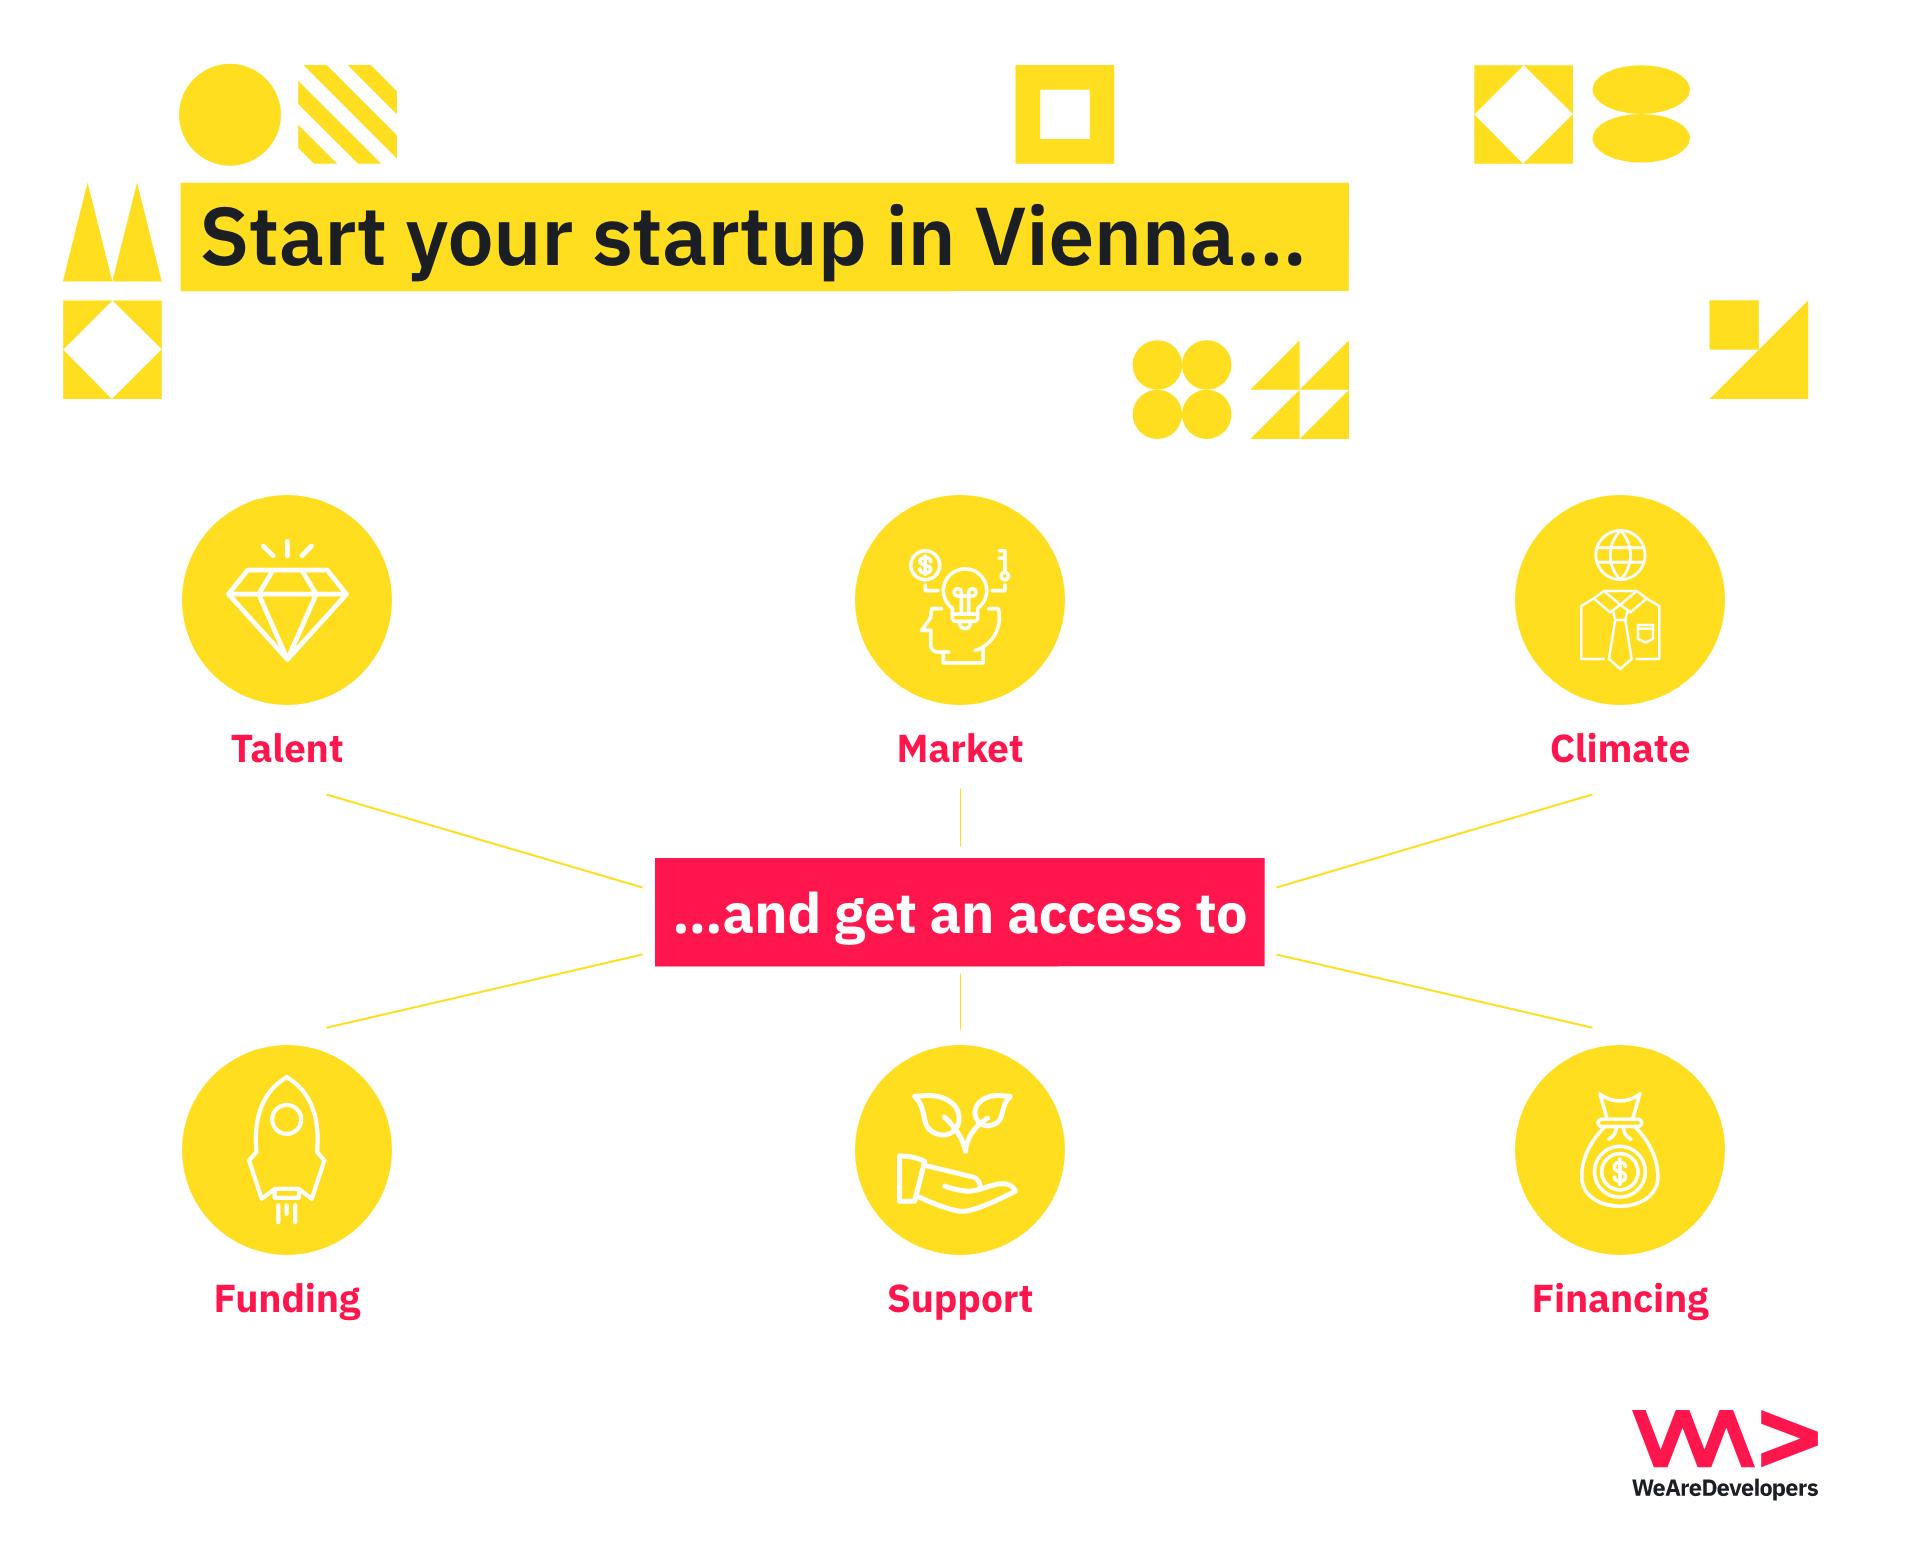 Startups in Vienna